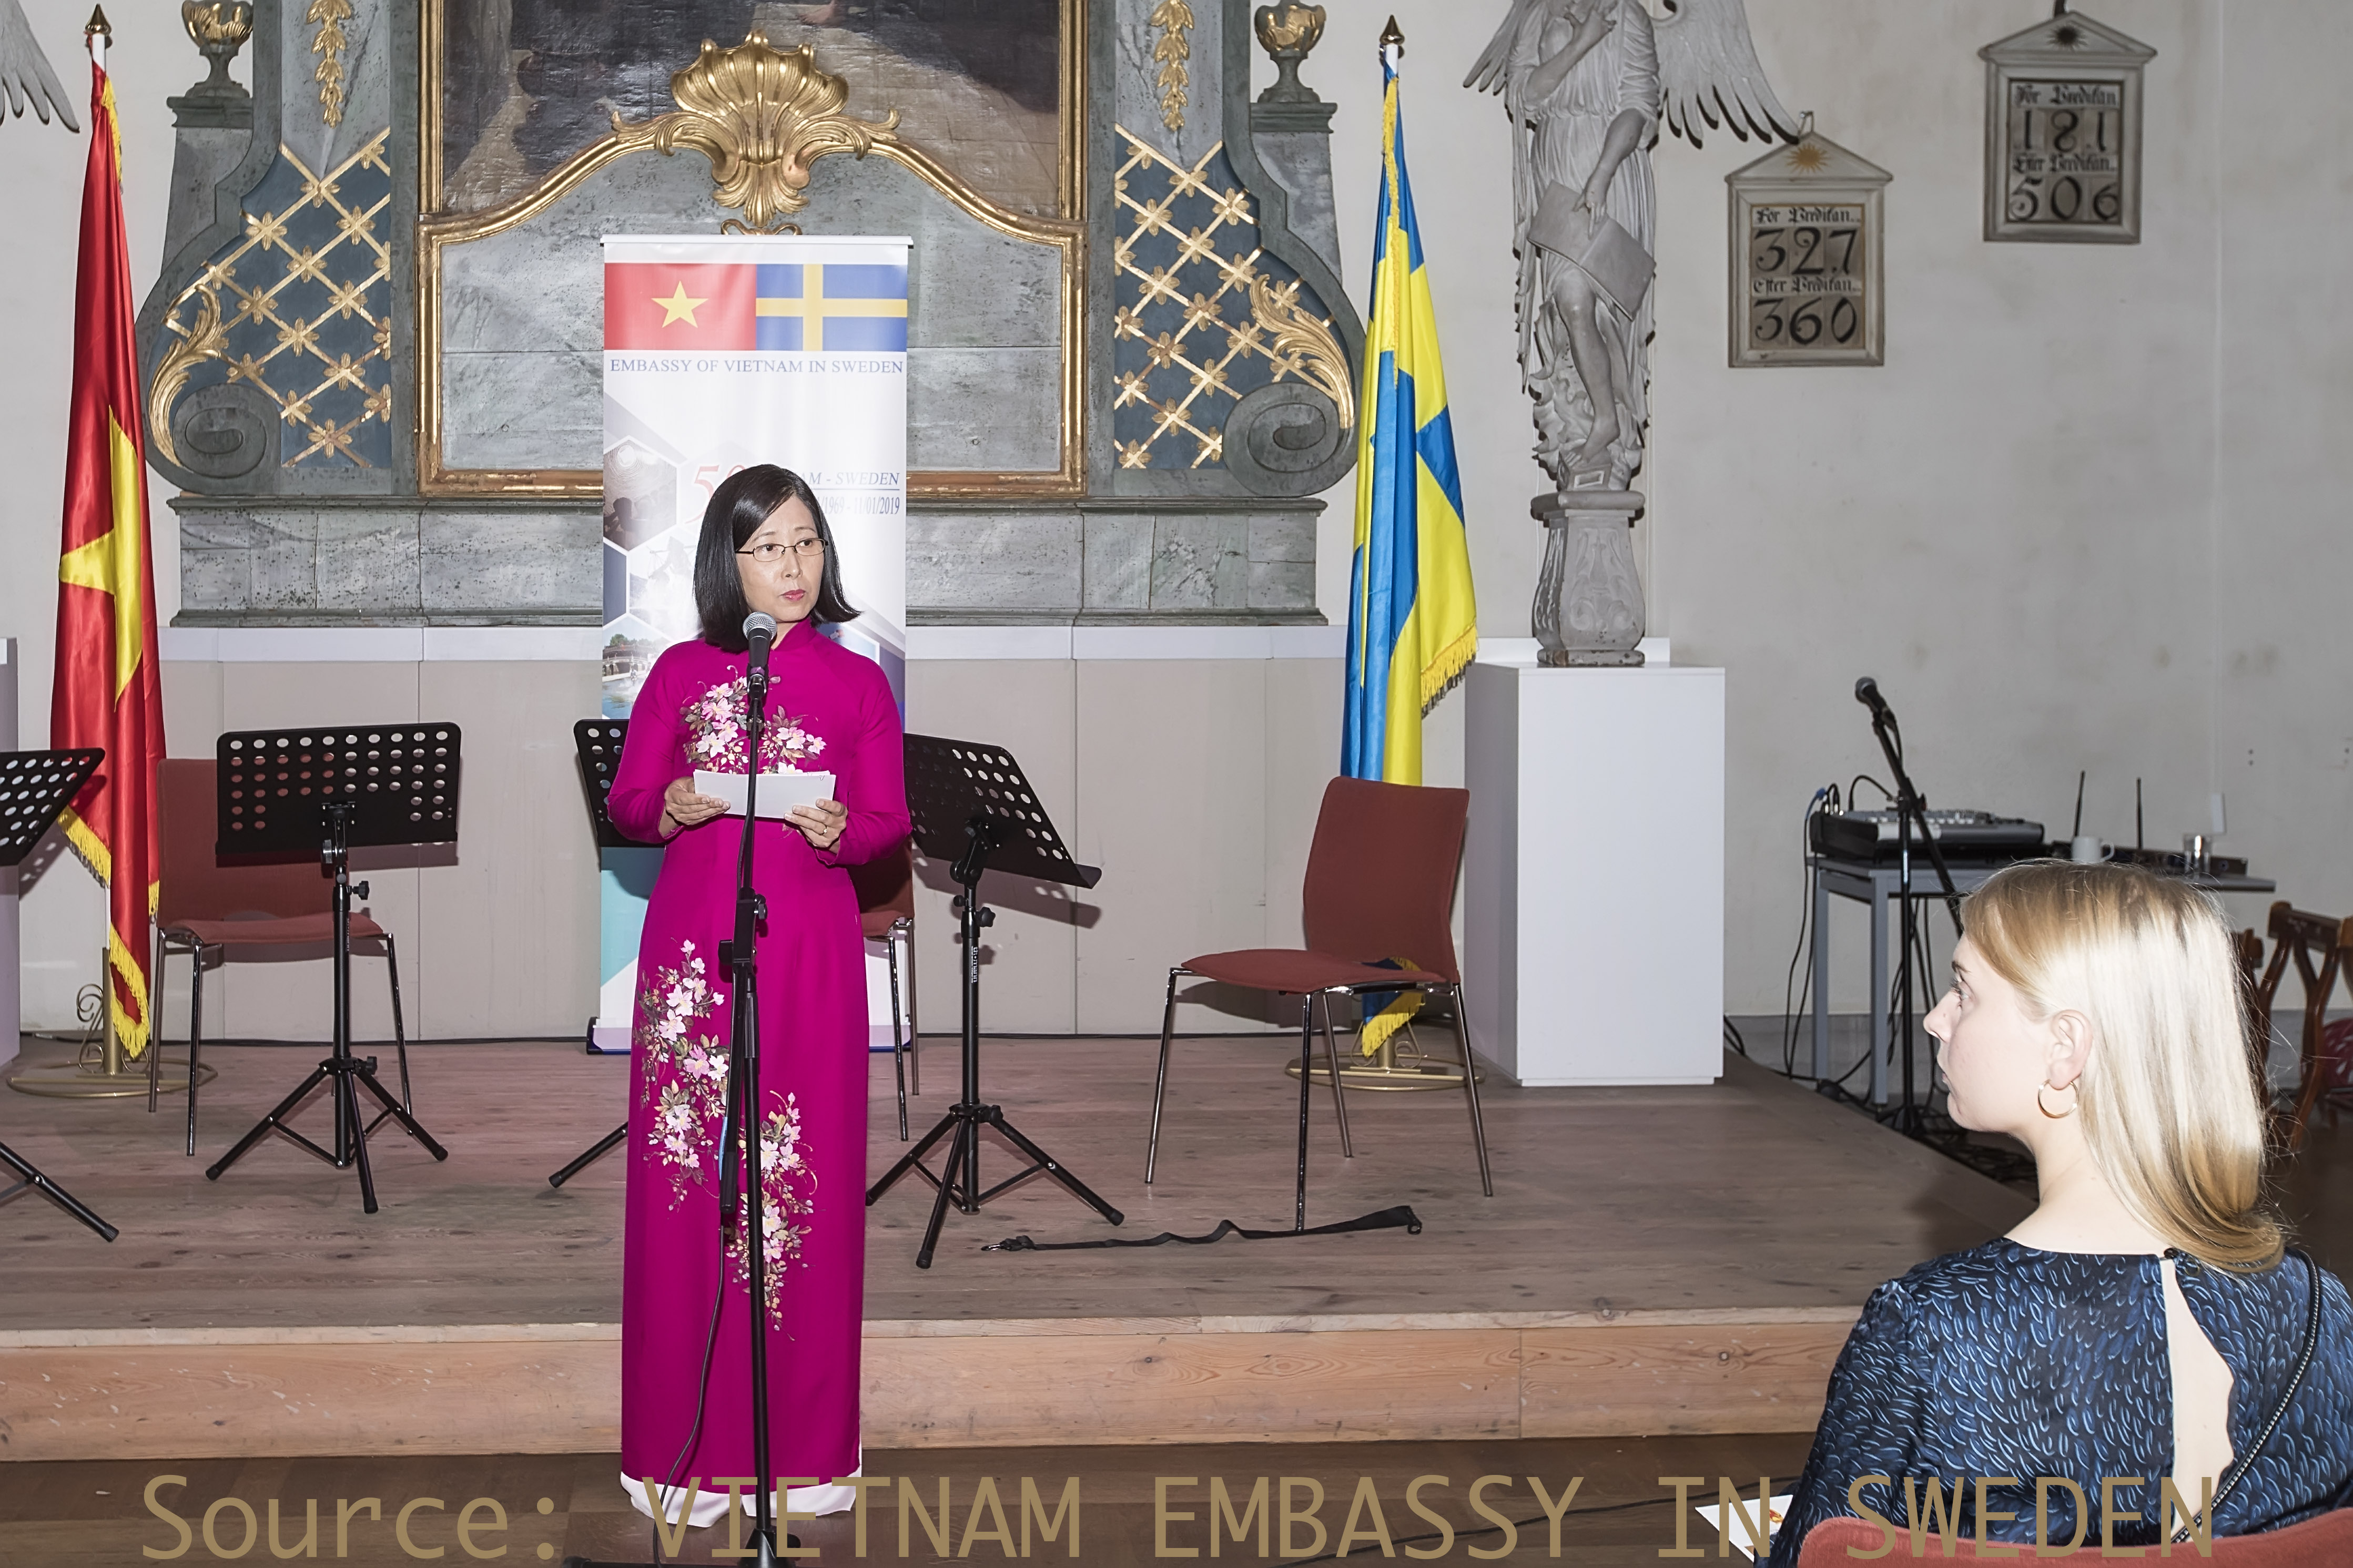 Âm nhạc gắn kết người dân Việt Nam với người dân Thụy Điển